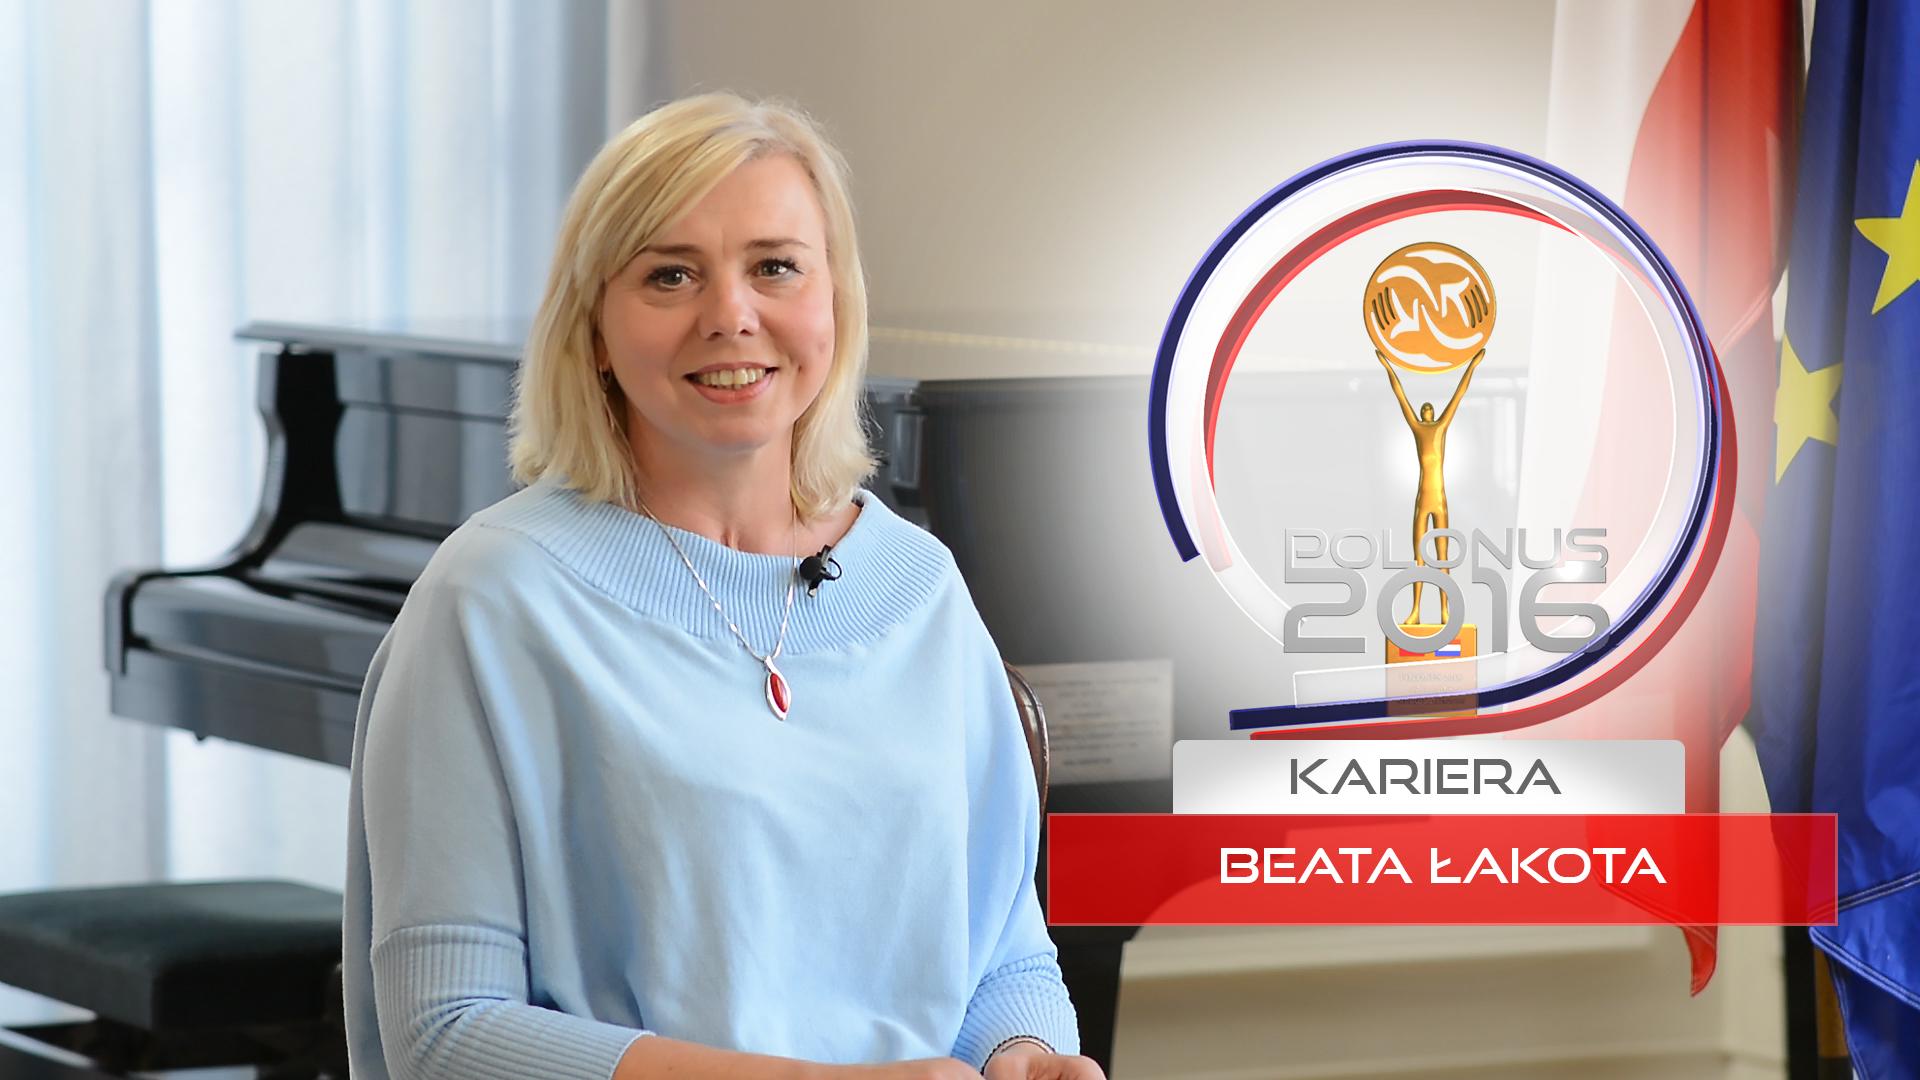 Beata Łakota